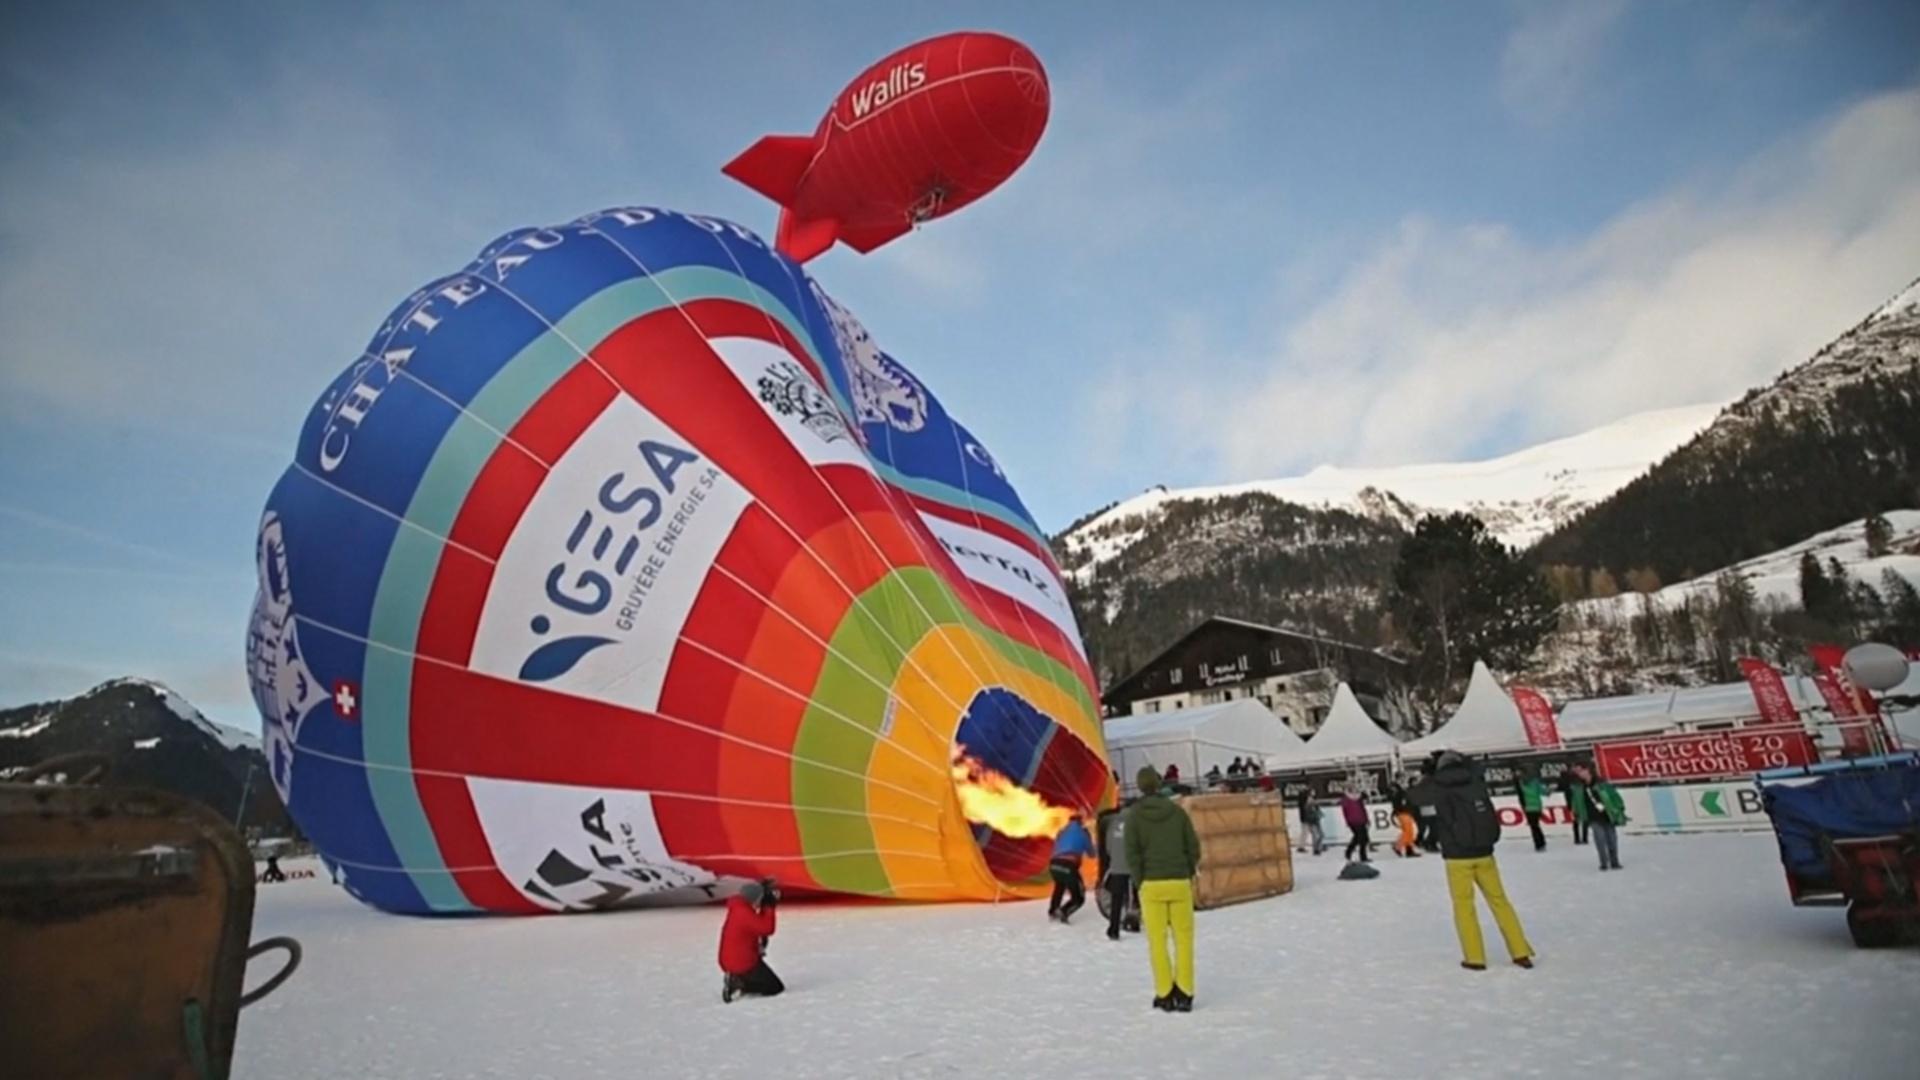 Небо над Альпами стало разноцветным от десятков воздушных шаров